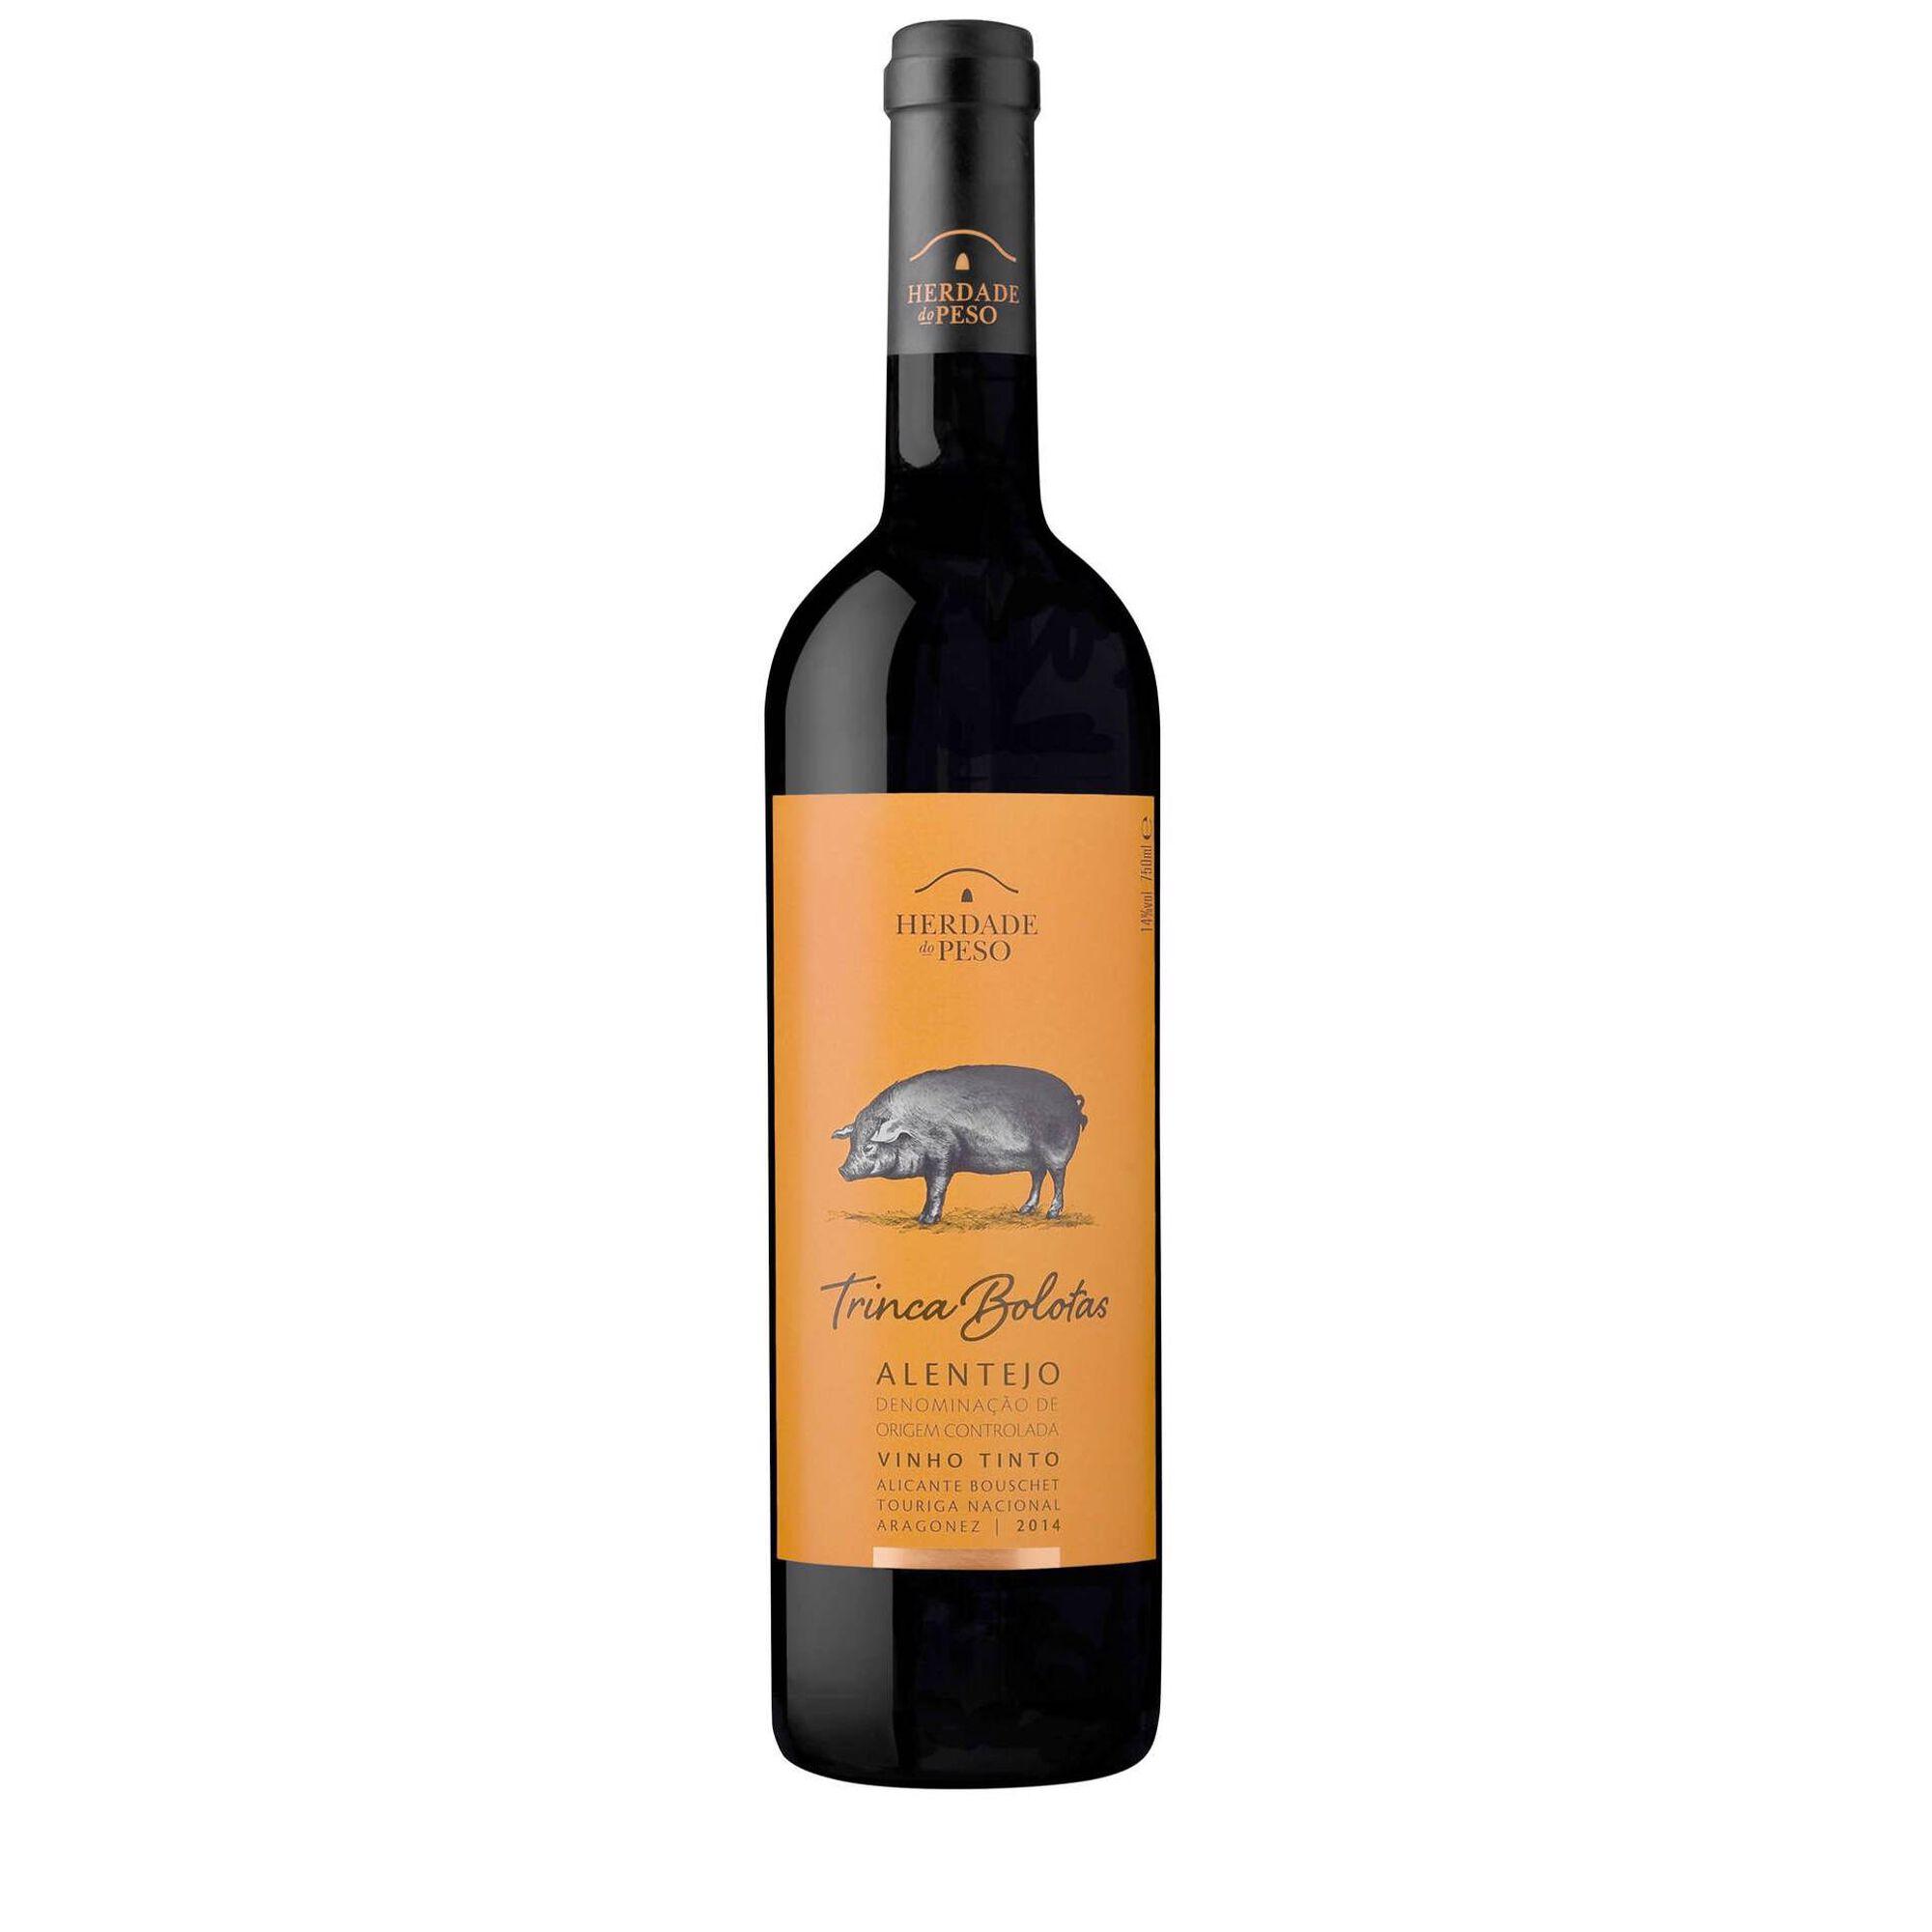 Trinca Bolotas Regional Alentejano Vinho Tinto